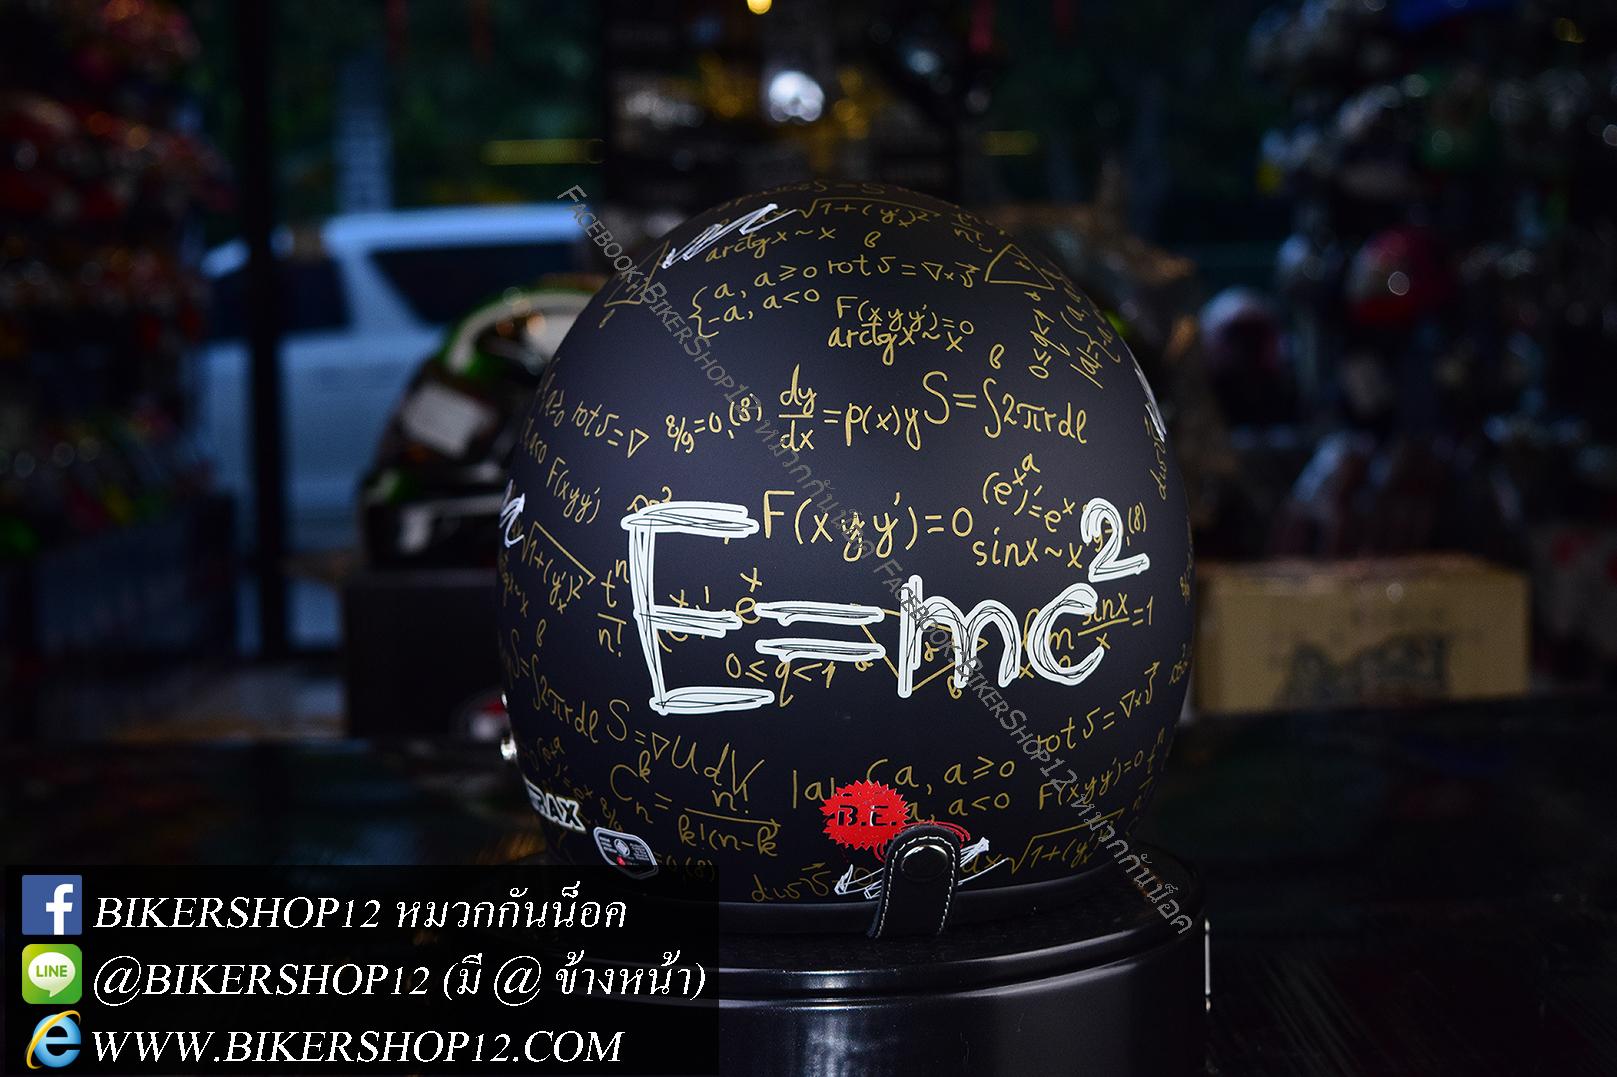 หมวกกันน็อคคลาสสิก 5เป๊ก สีMC2 ดำด้าน